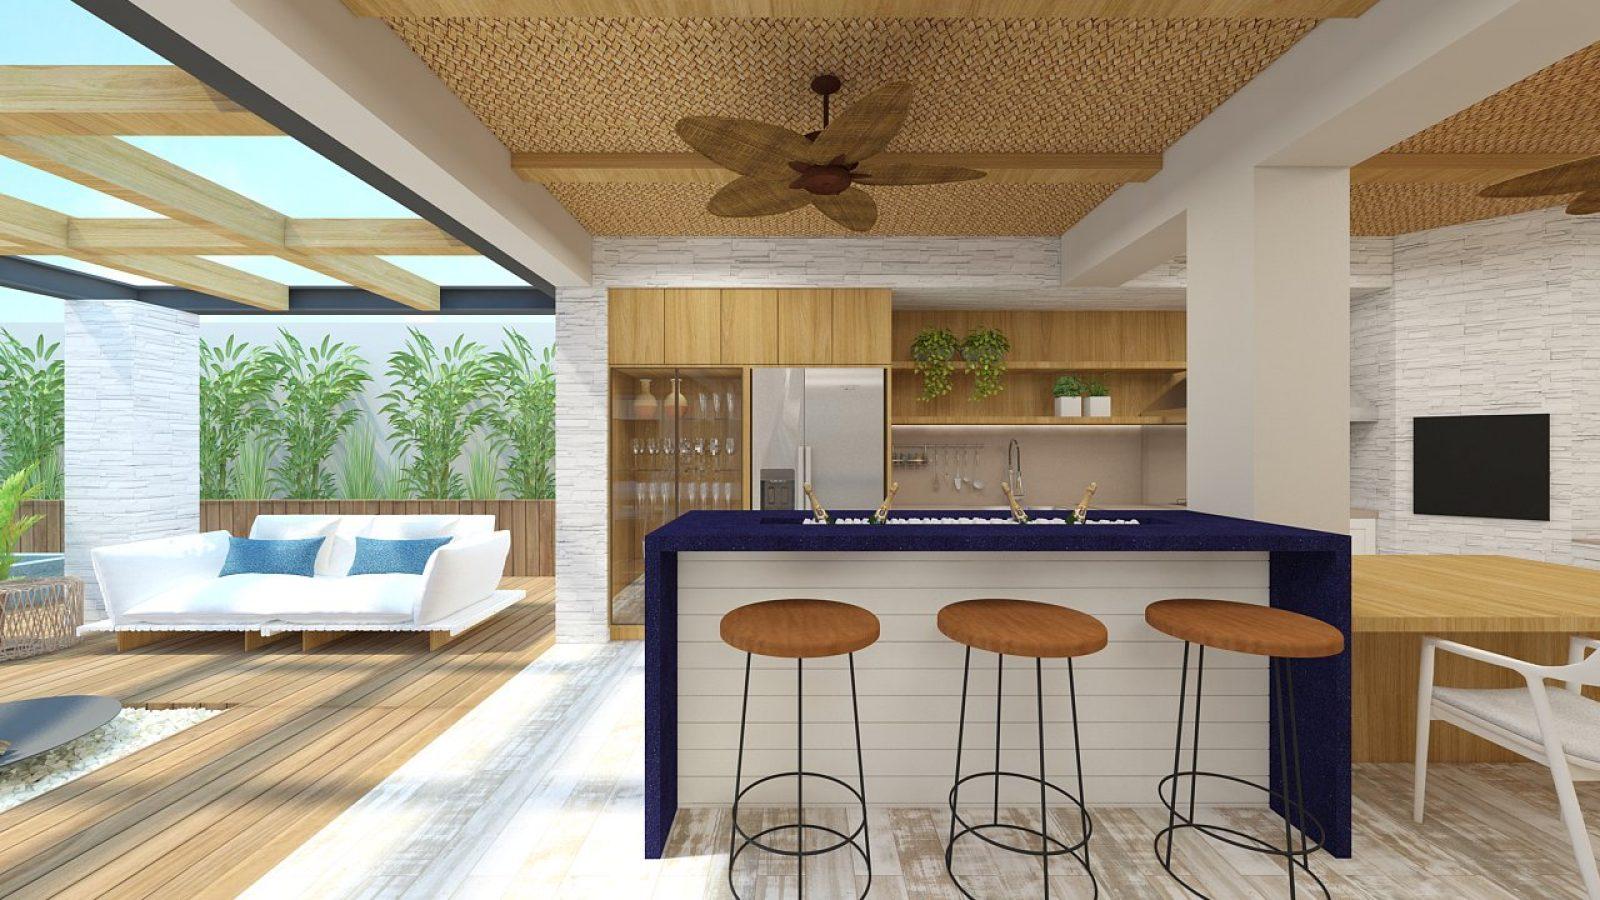 Interior de casa com piso de madeira, balcão azul, com banquetas e sofá branco. Ventilador no teto.